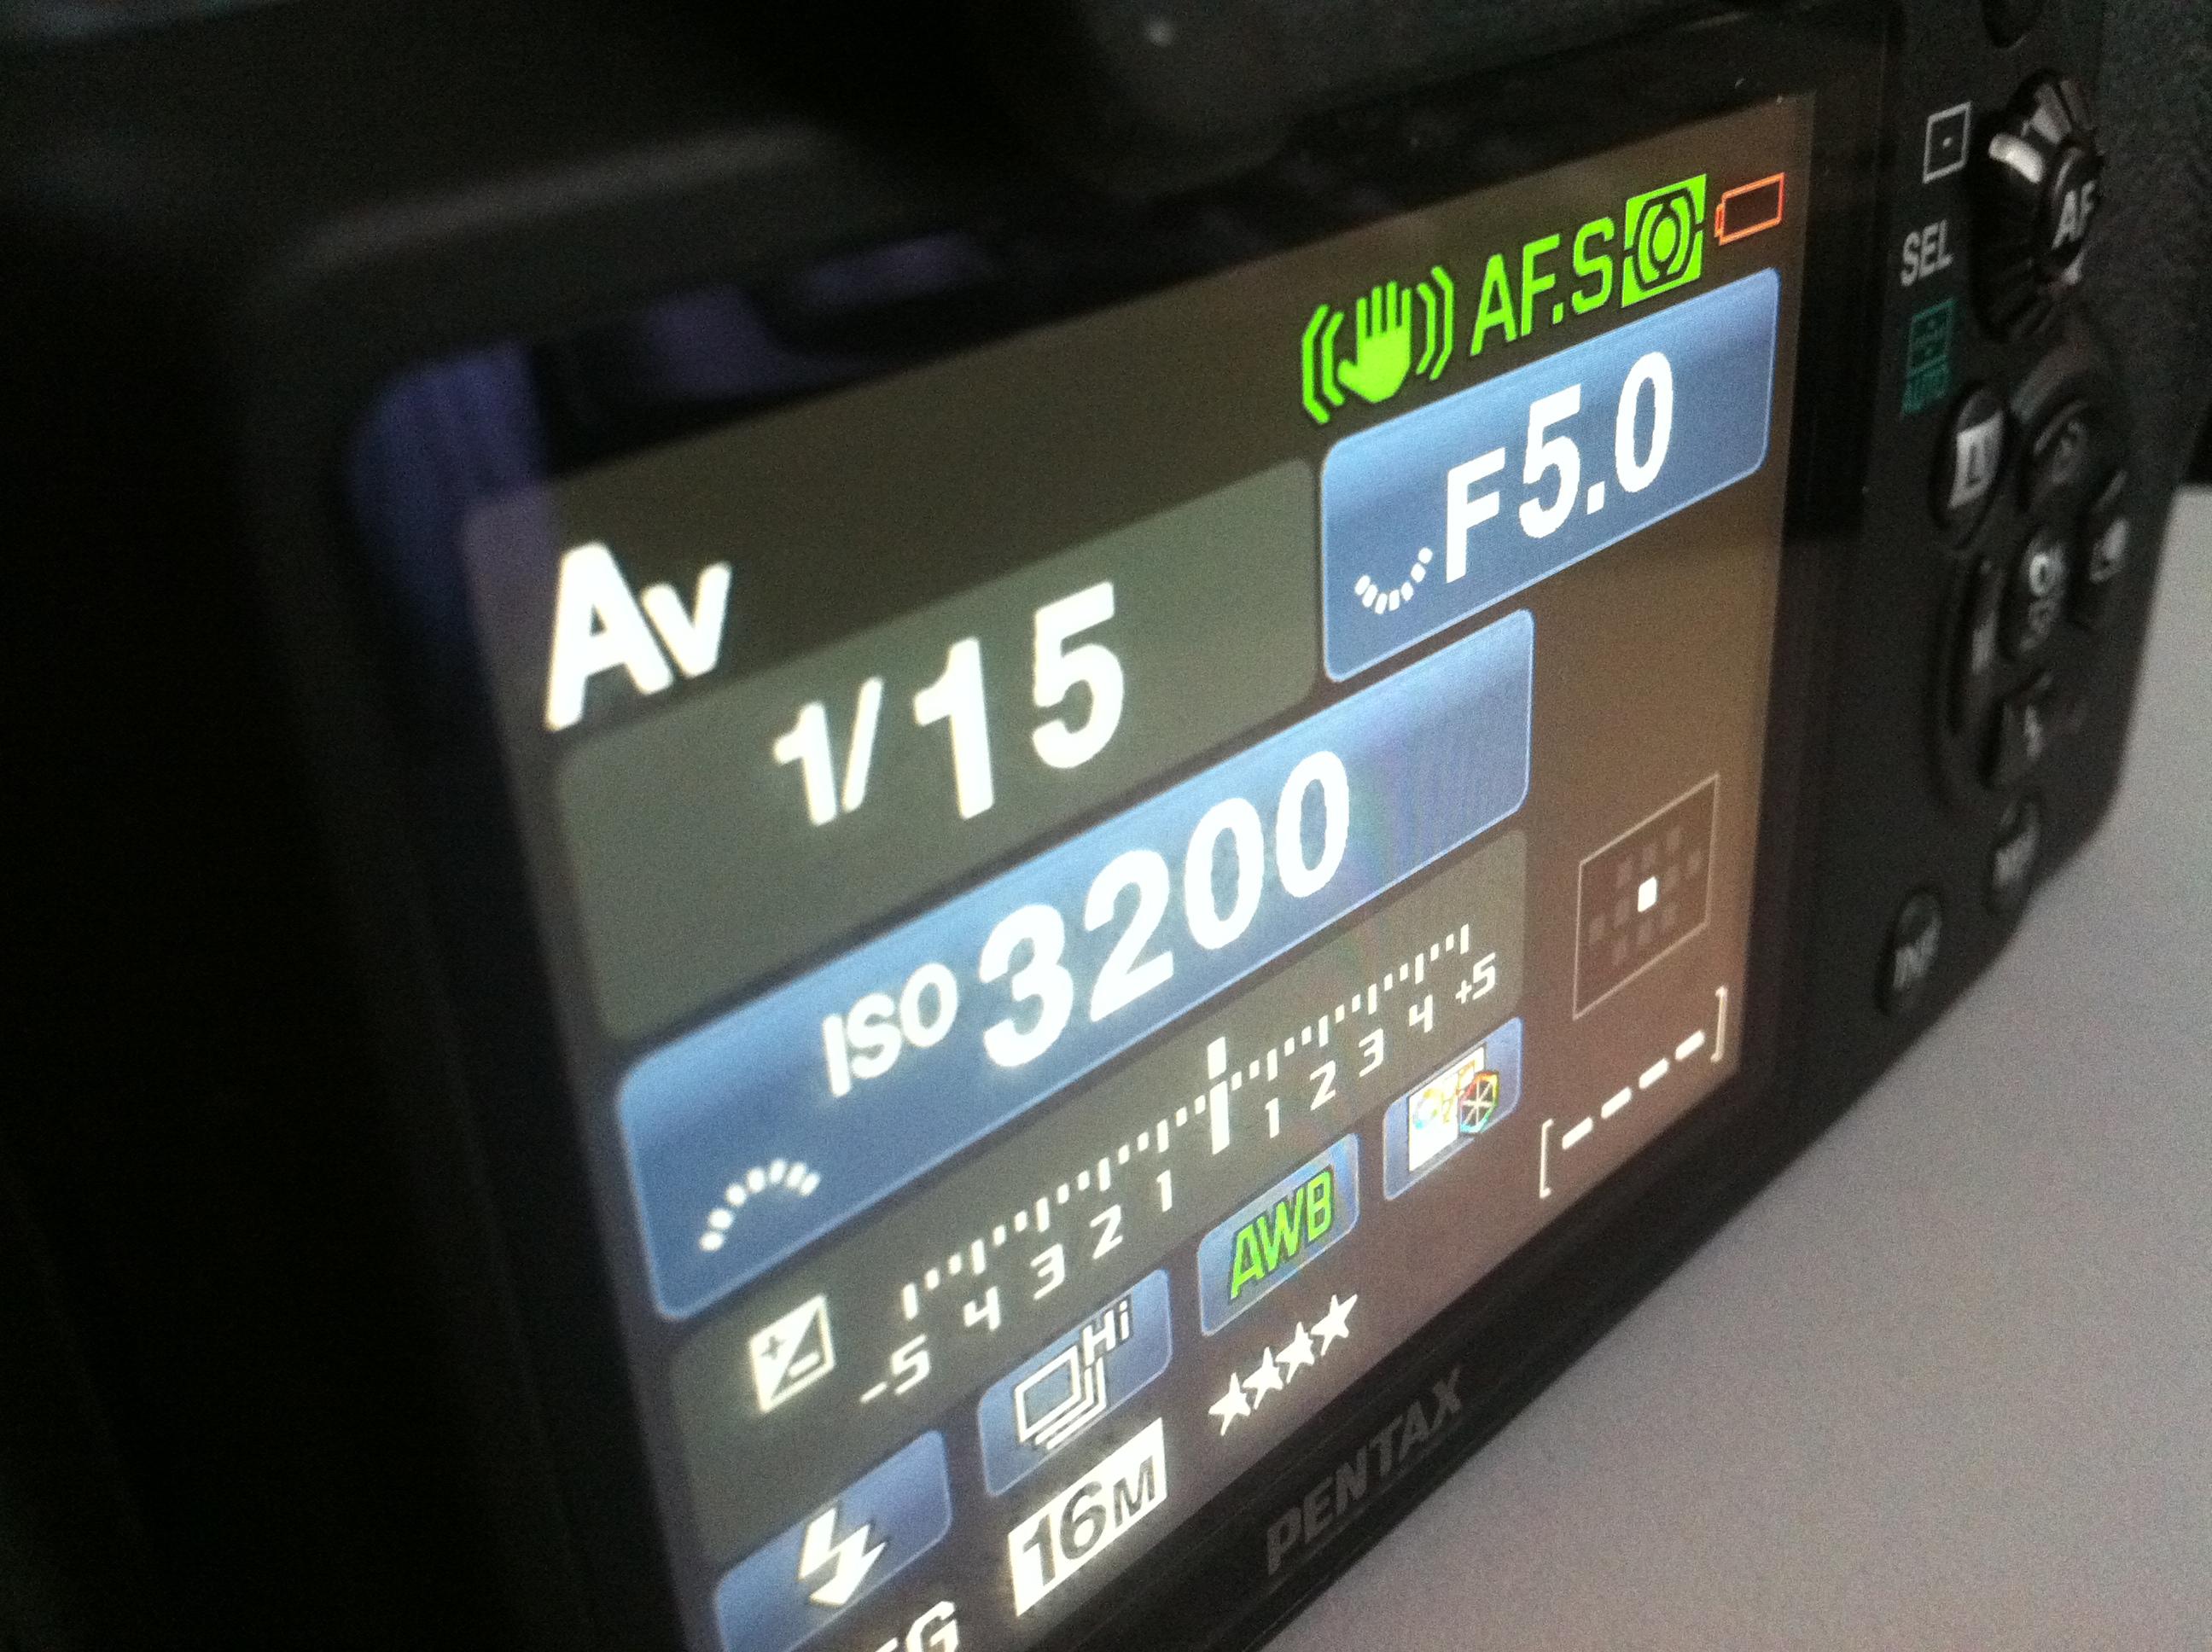 Moderne digitale Spiegelreflexkameras bieten ein großes Display und jede Menge Einstellungsmöglichkeiten